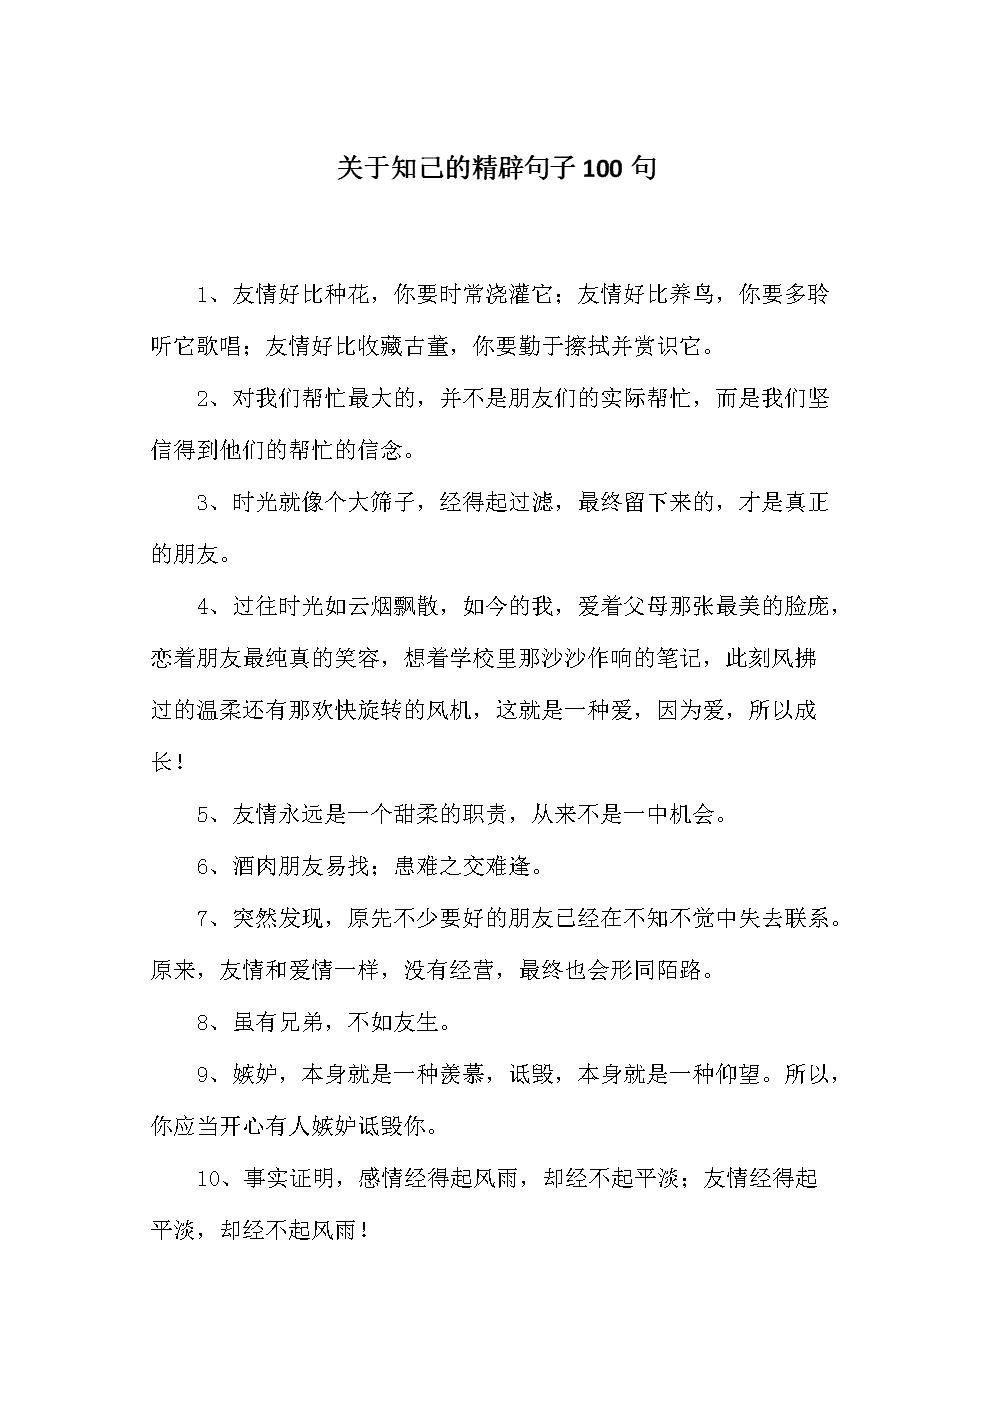 关于知己的精辟句子100句.docx